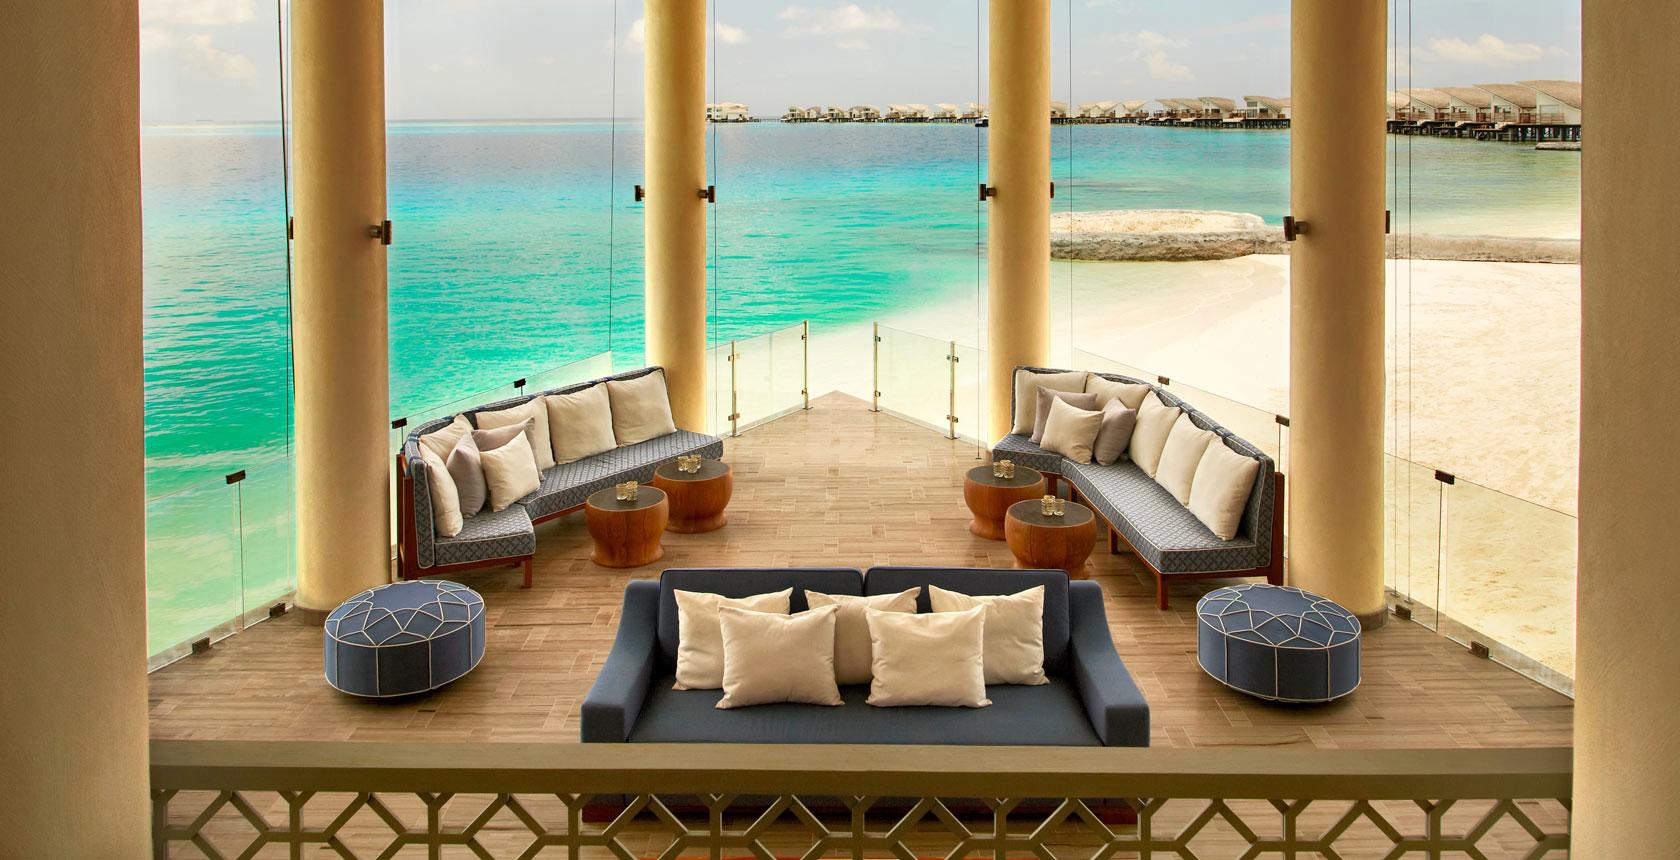 Viceroy-Hotel-Sand-Resort-33